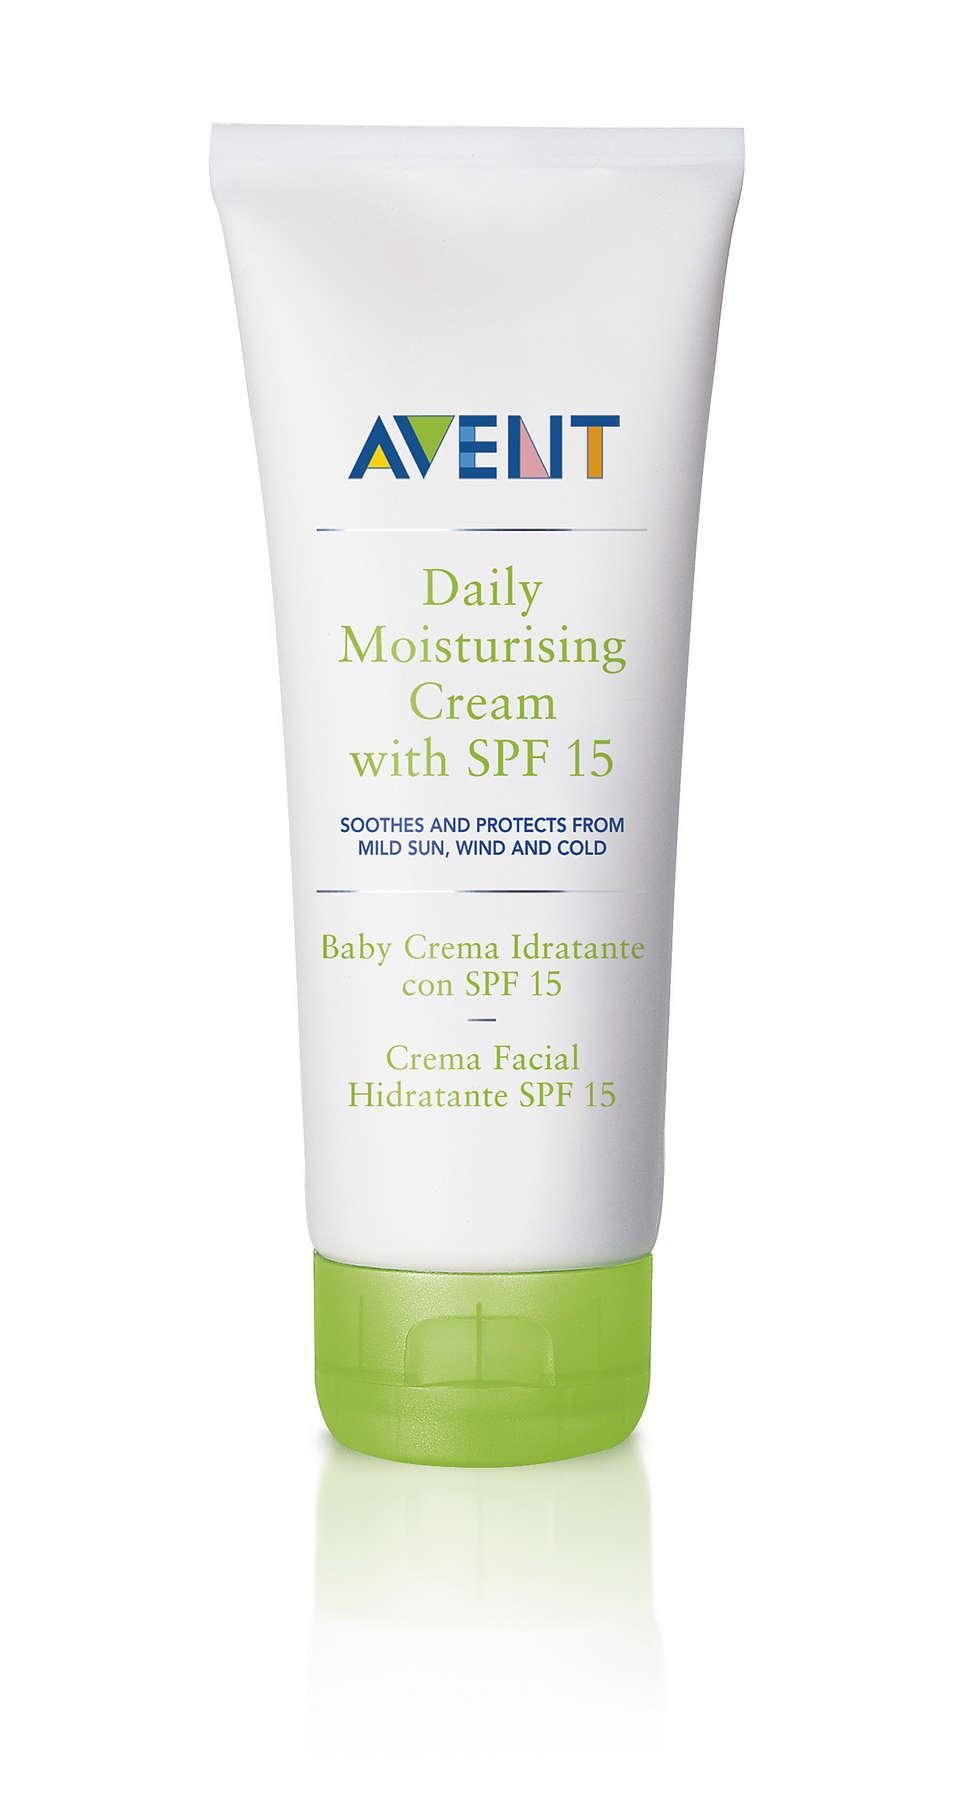 舒緩肌膚並隔離日曬、風吹與低溫